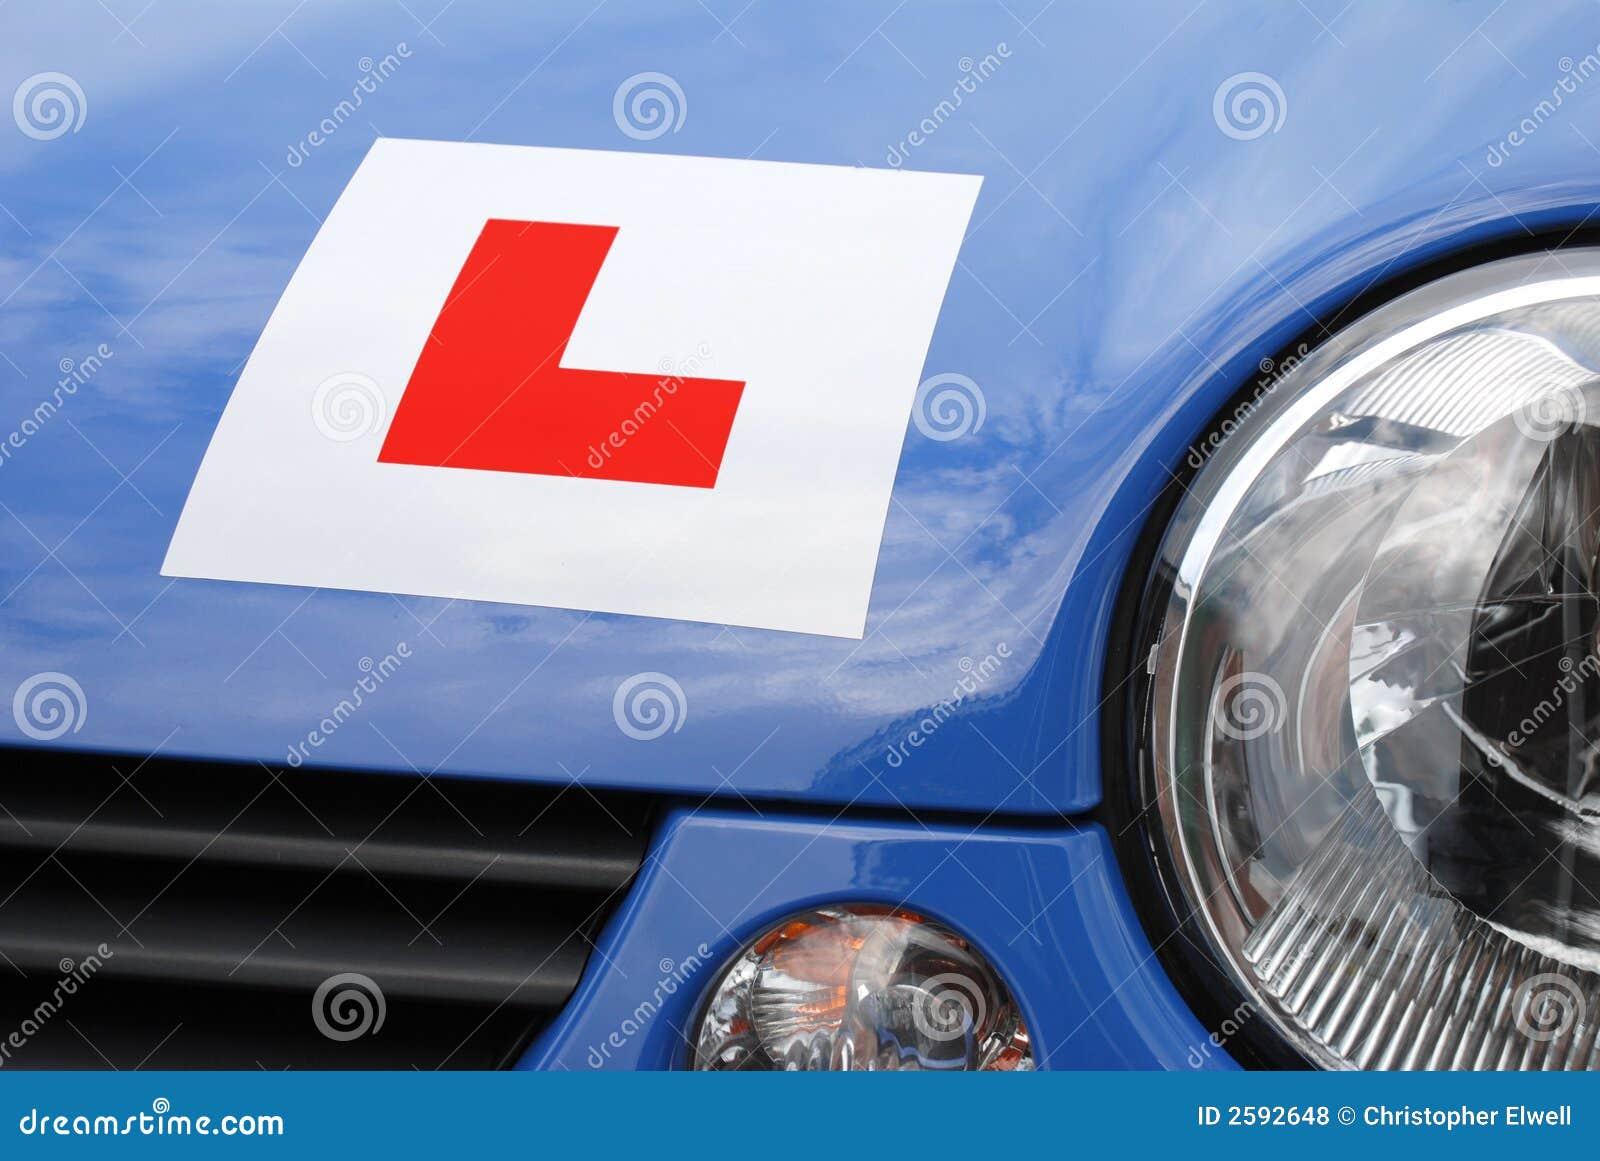 L Plaat op auto - vooraanzicht